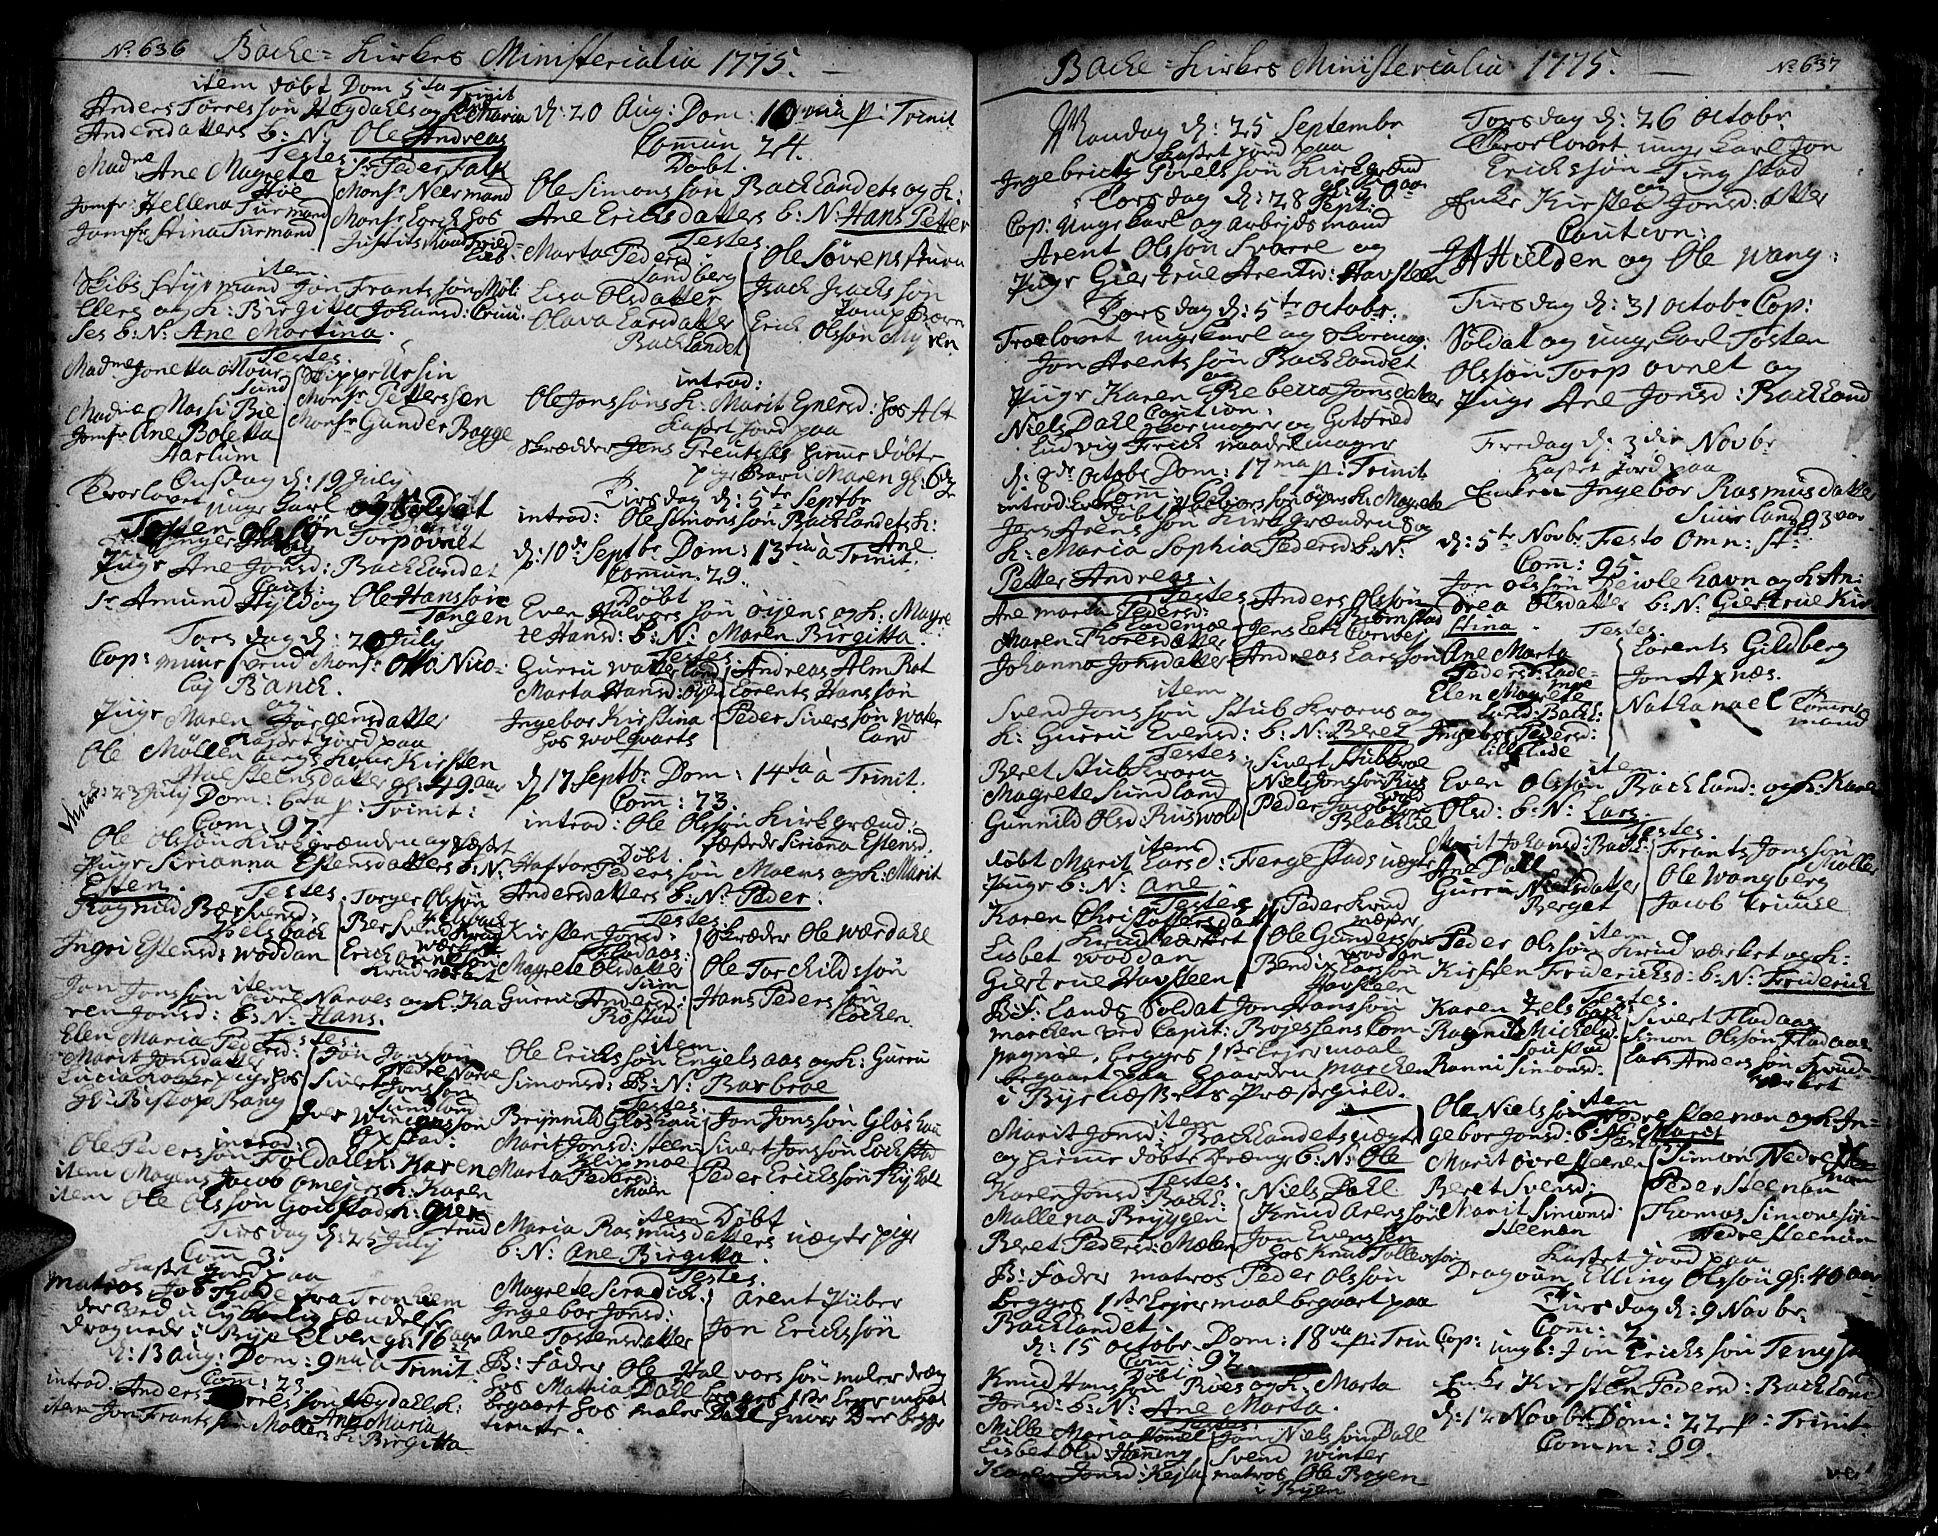 SAT, Ministerialprotokoller, klokkerbøker og fødselsregistre - Sør-Trøndelag, 606/L0276: Ministerialbok nr. 606A01 /2, 1727-1779, s. 636-637